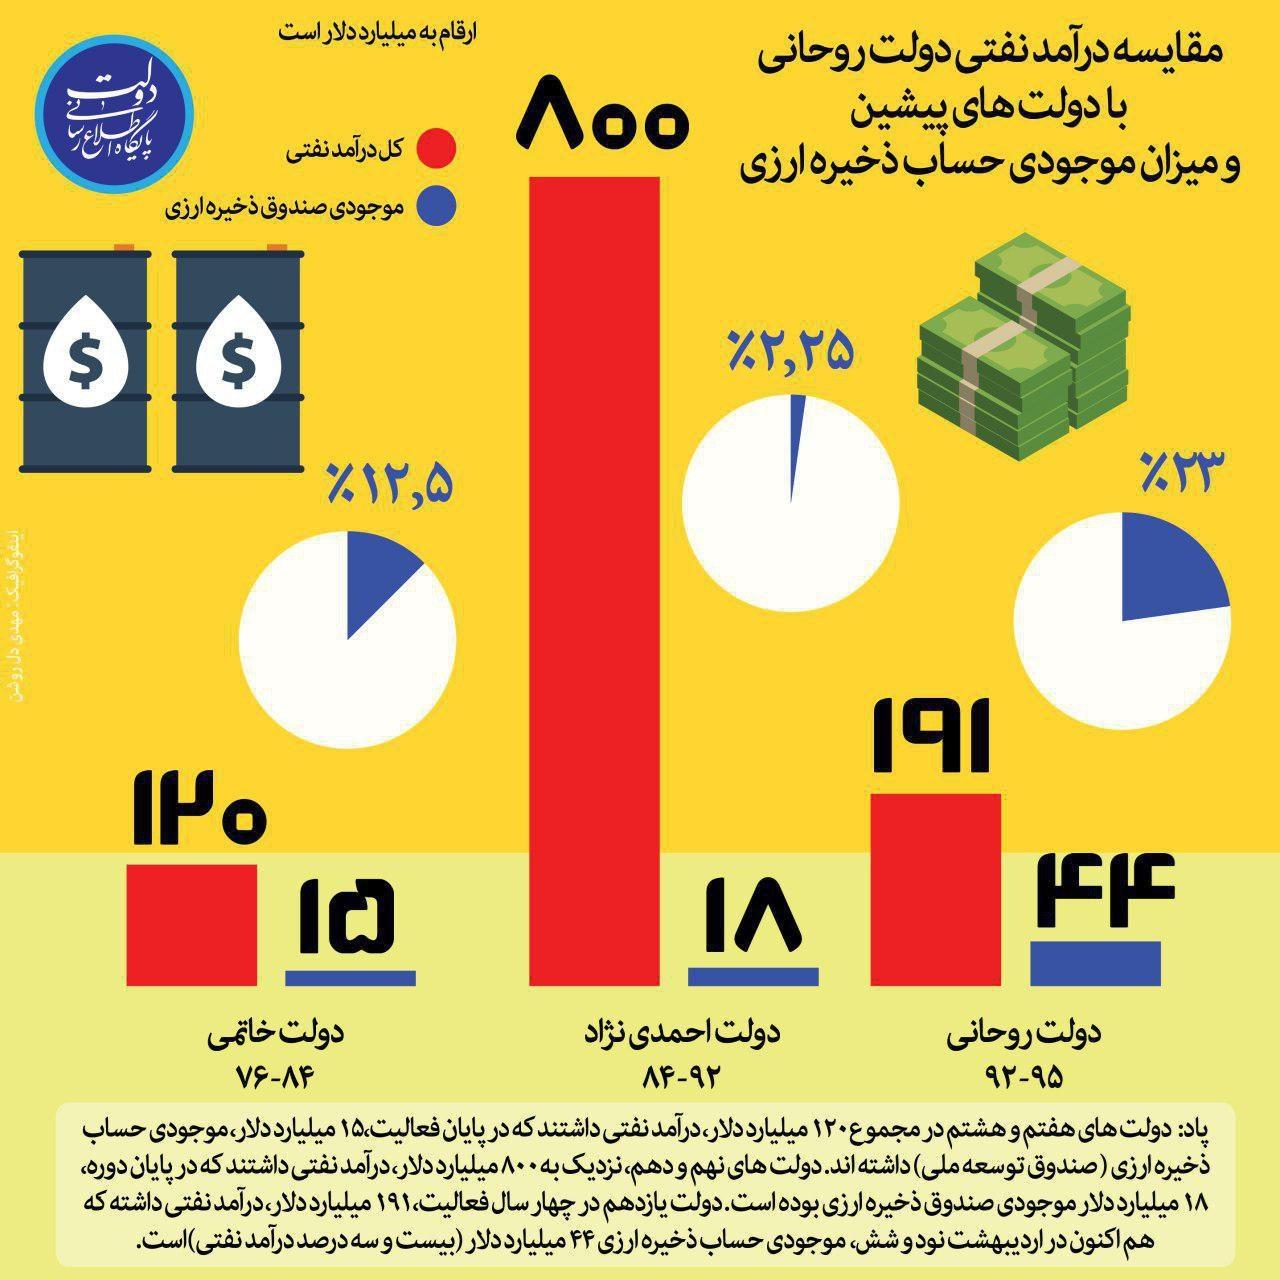 اینفوگرافیک   مقایسه درآمد نفتی و موجودی حساب ذخیره ارزی دولت روحانی با دولتهای پیشین